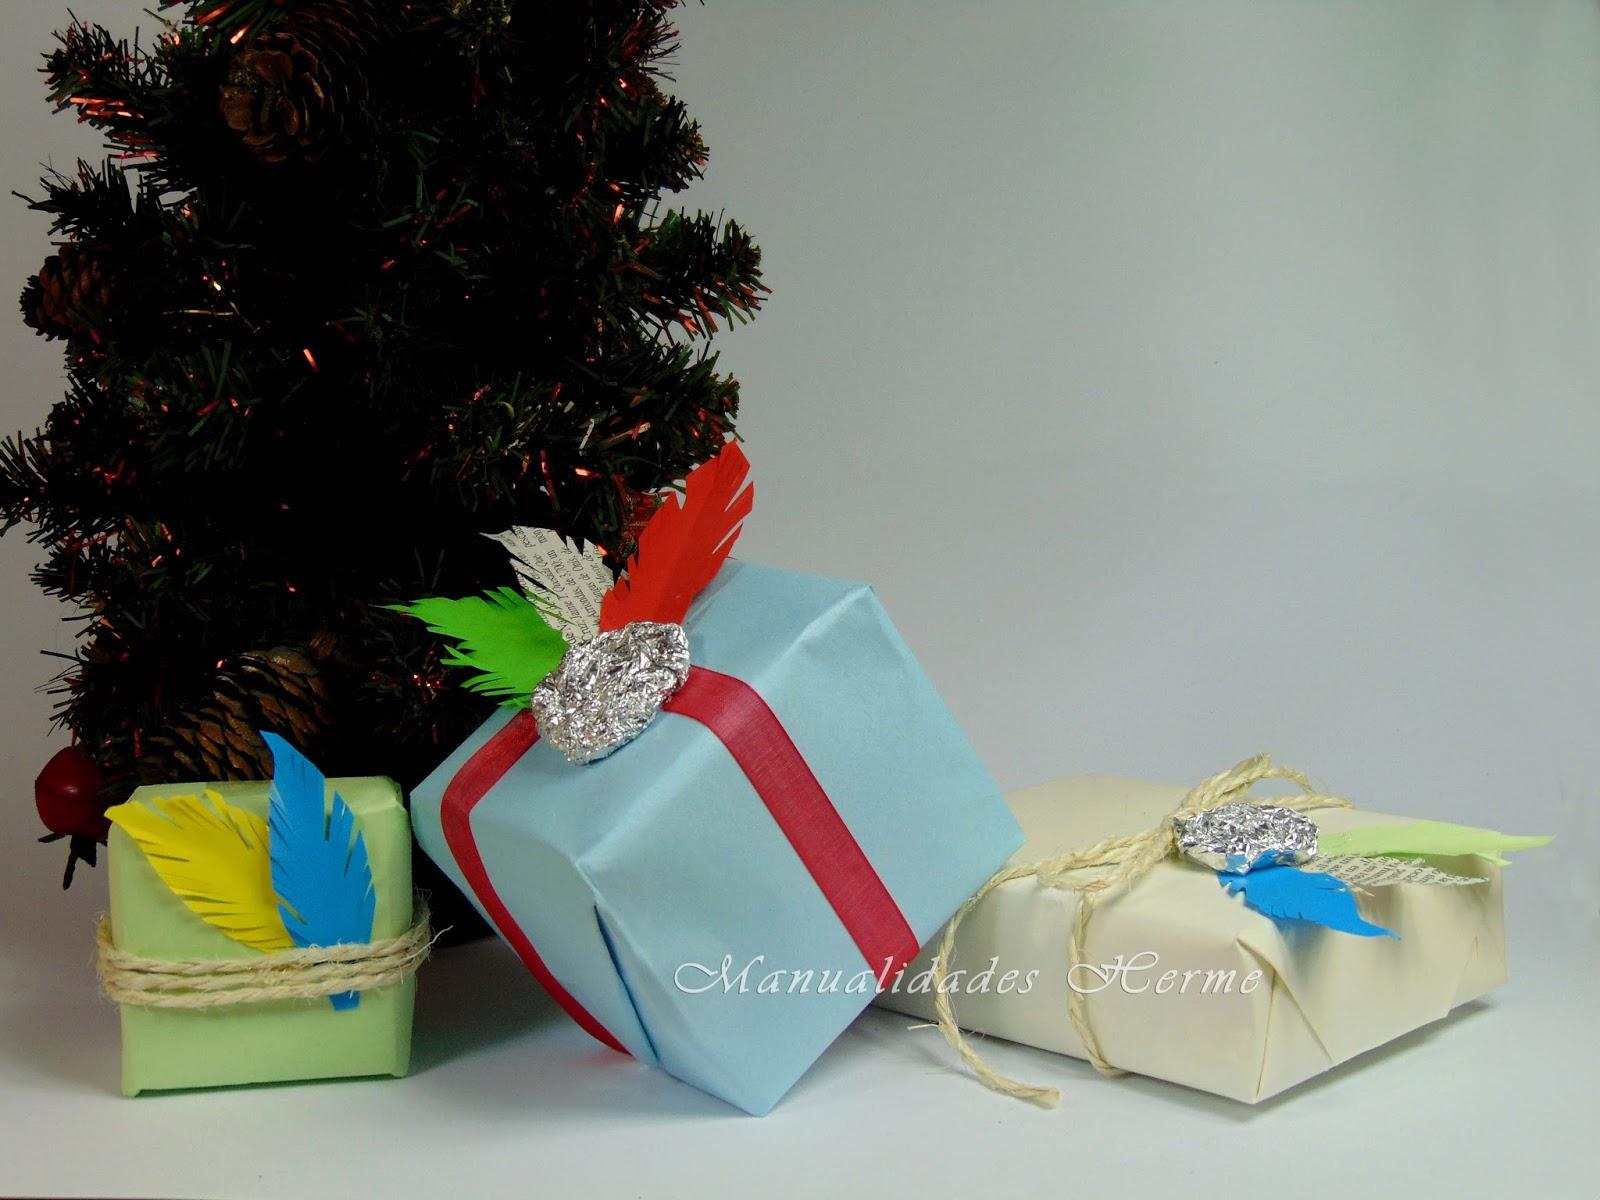 Manualidades herme packaging con plumas de papel for Manualidades con plumas